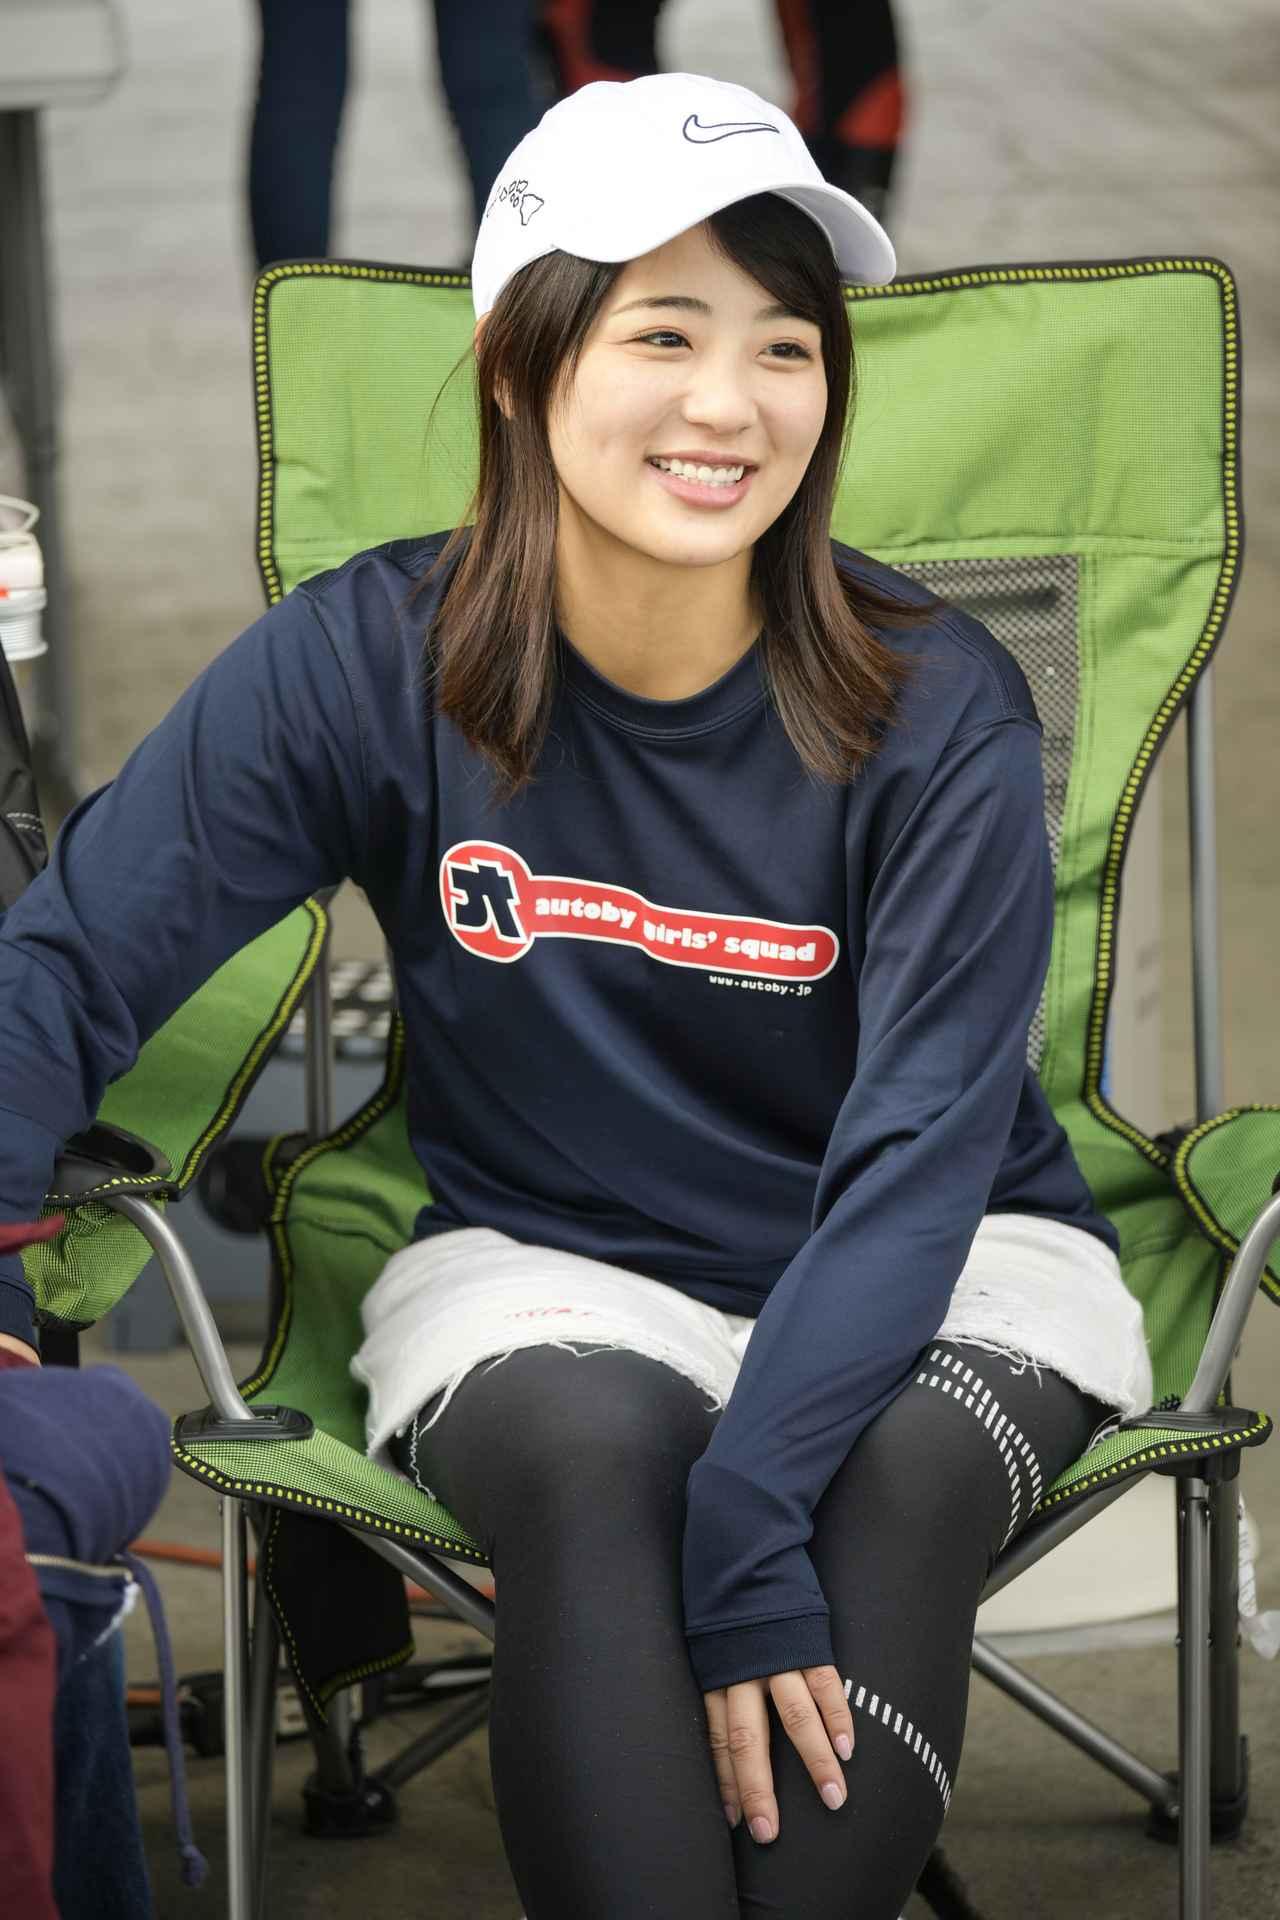 Images : 1番目の画像 - 「いよいよ大阪モーターサイクルショー始まります!「女子部ロンT」を初の一般販売! 『Motoジム!』『バイク擬人化菌書』のサイン本も!」のアルバム - webオートバイ